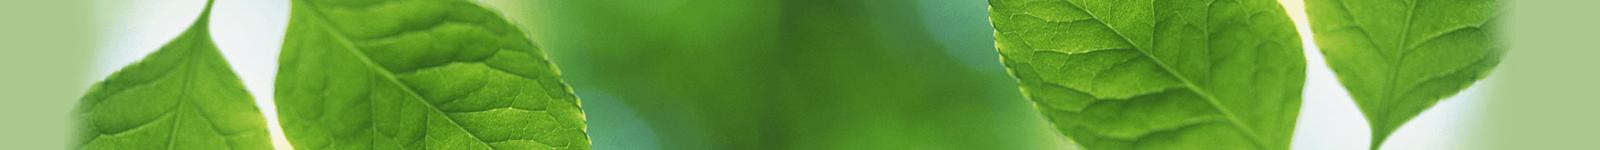 بیمه عمر و تامین آتیه پاسارگاد برگه سبزی است تحفه درویش